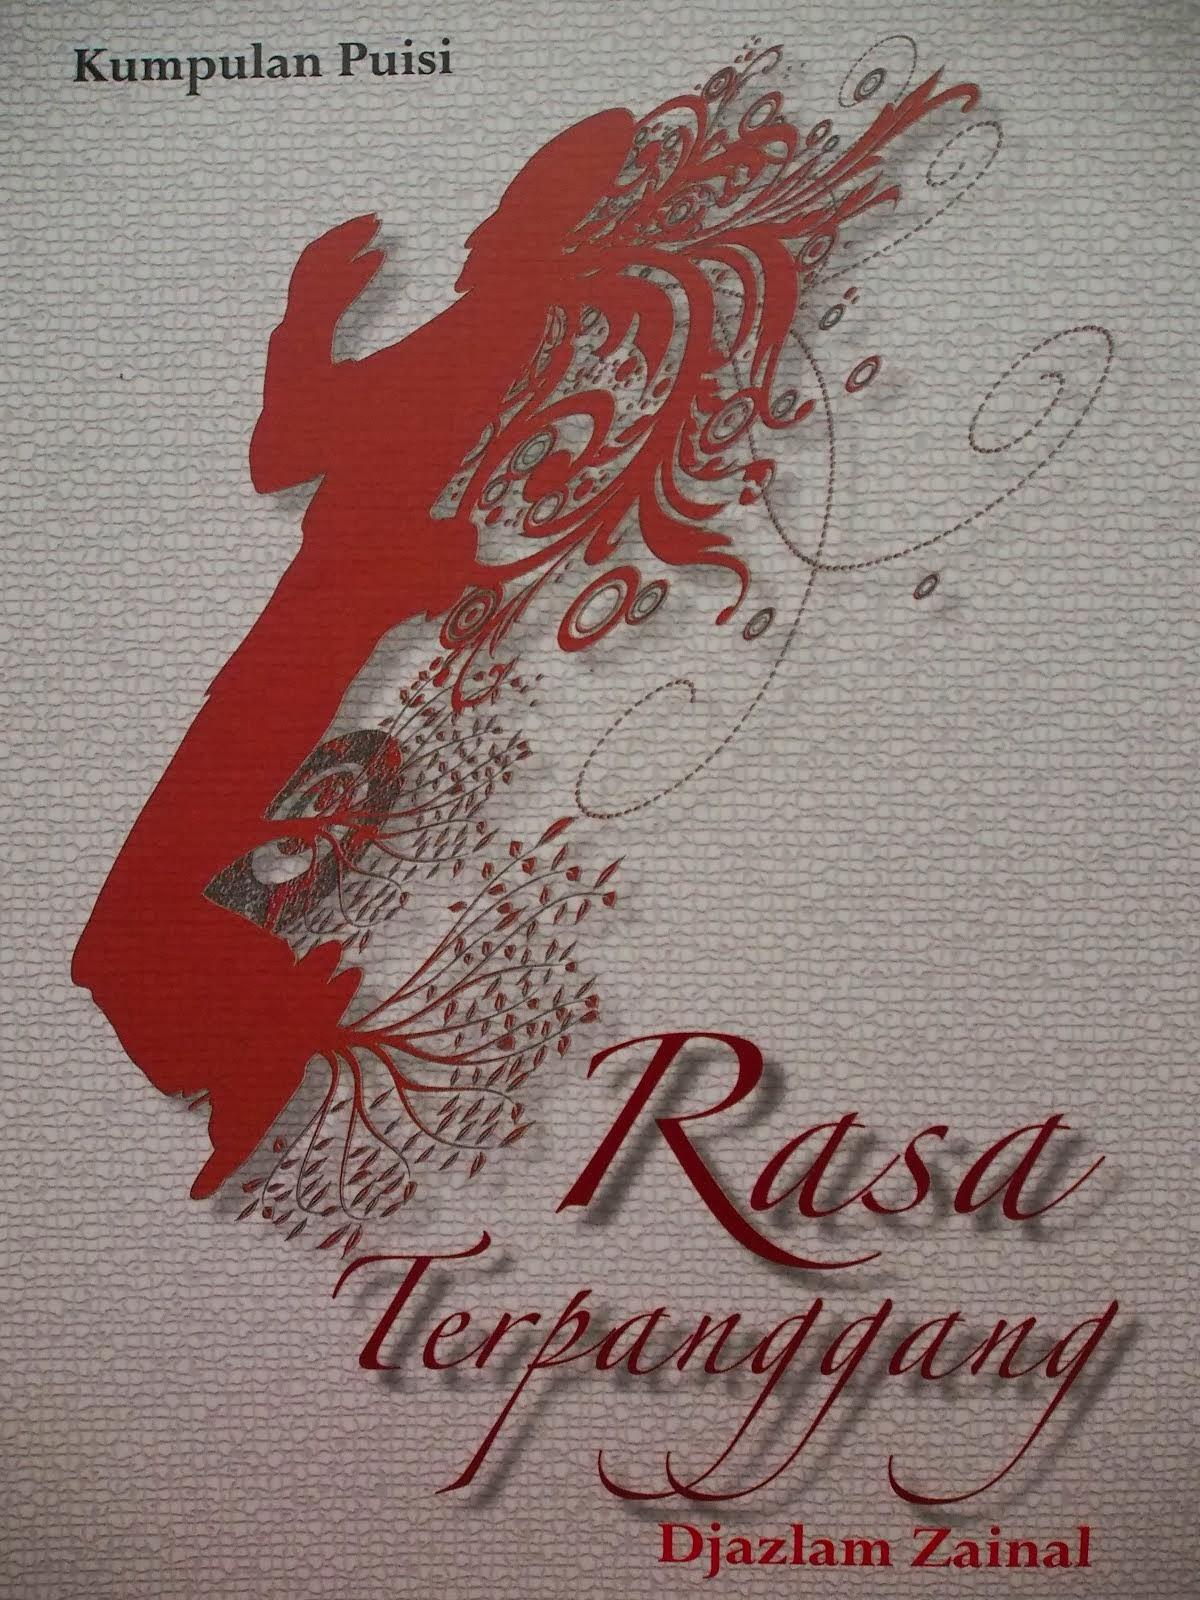 RASA TERPANGGANG - 2013